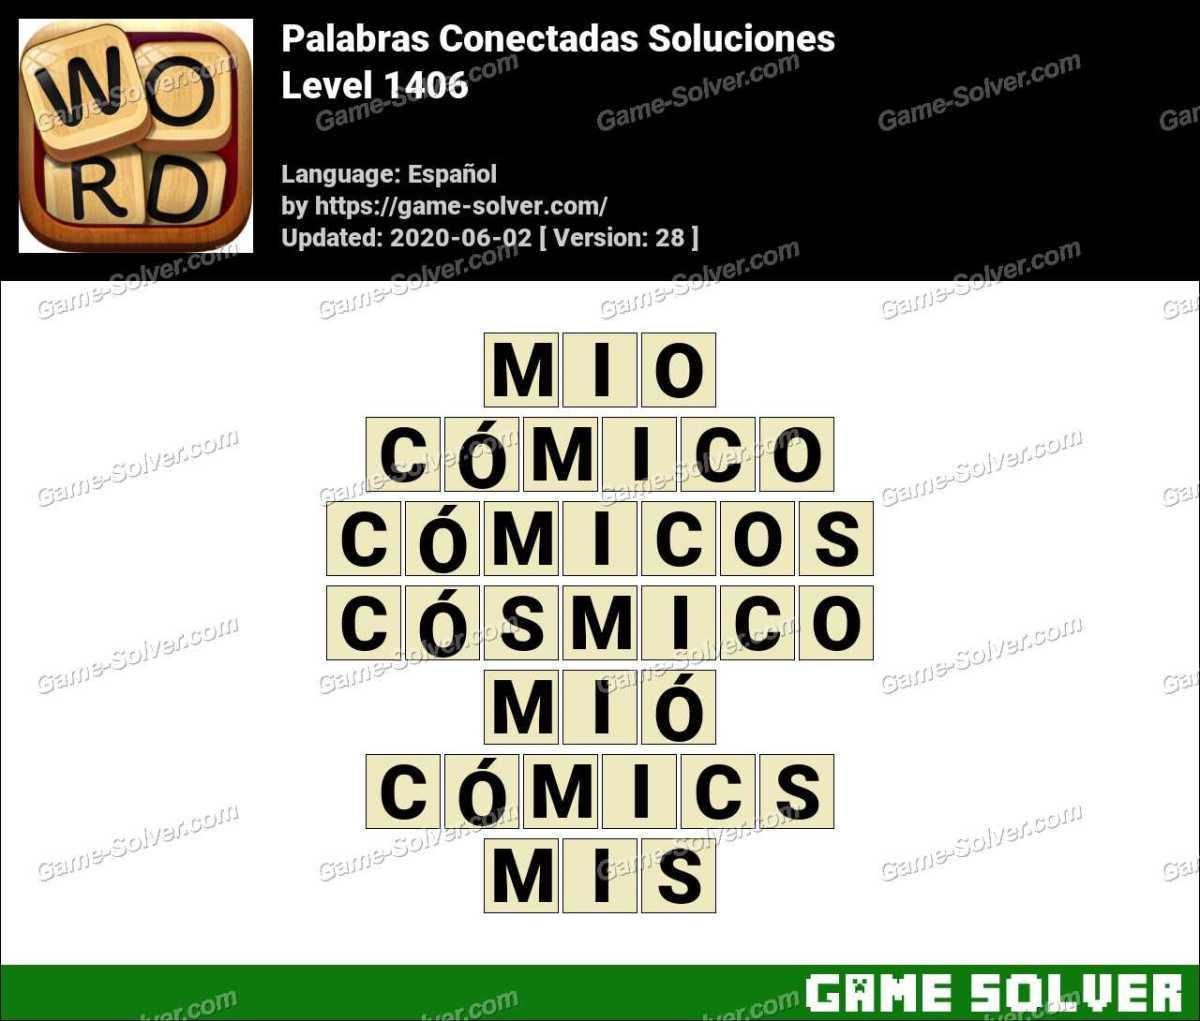 Palabras Conectadas Nivel 1406 Soluciones